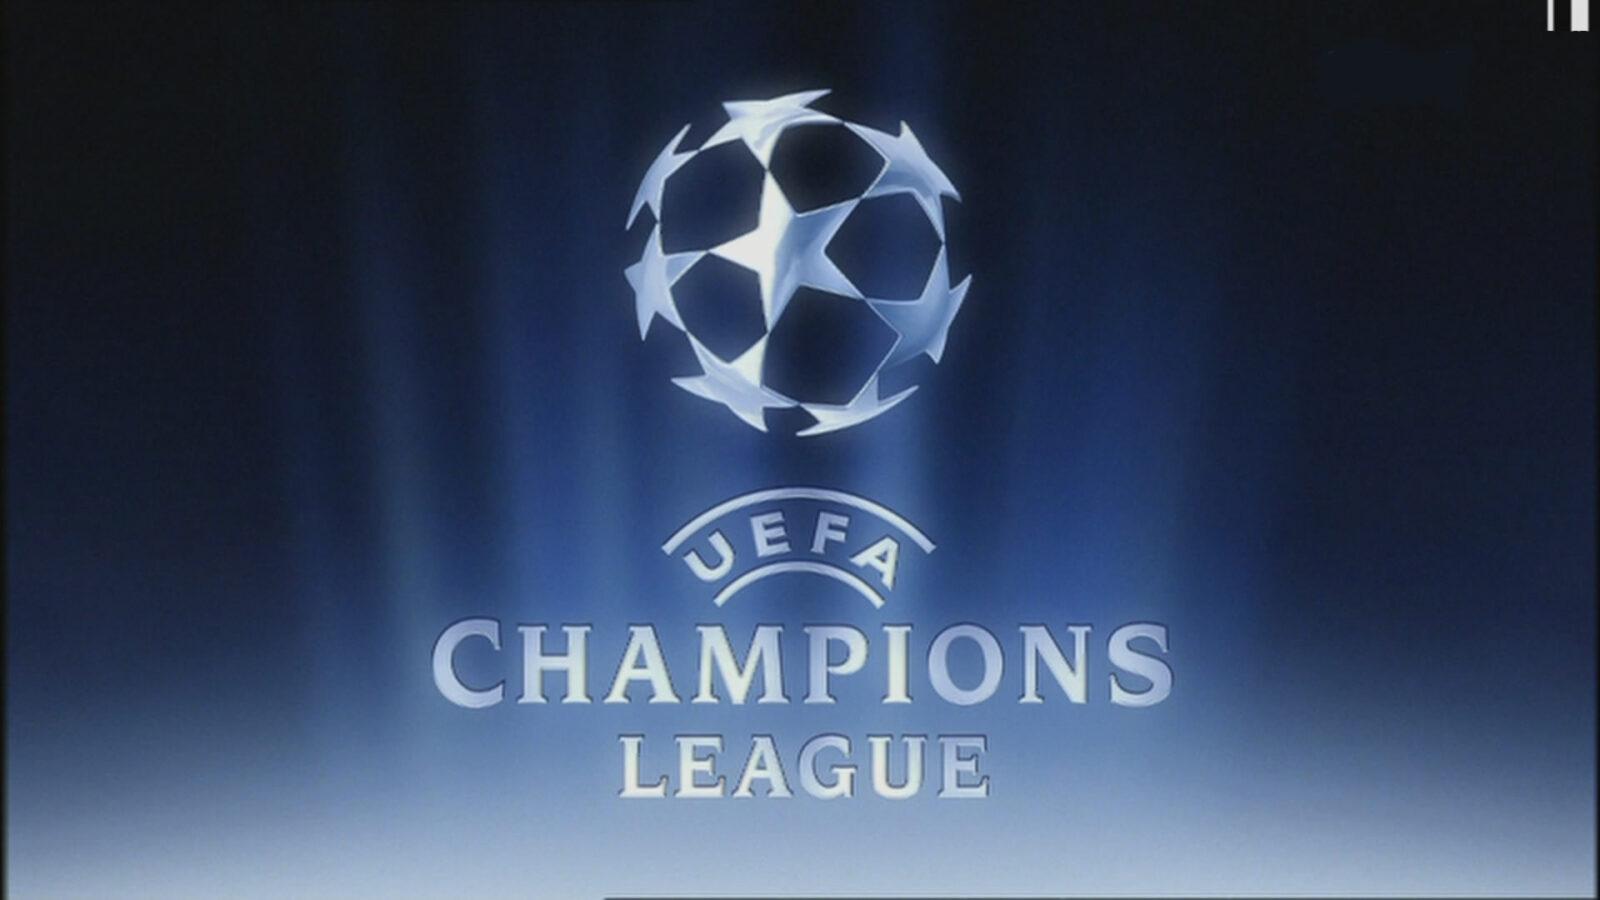 Телеканал «Спорт» не купил право трансляции матчей Лиги Чемпионов и Лиги Европы